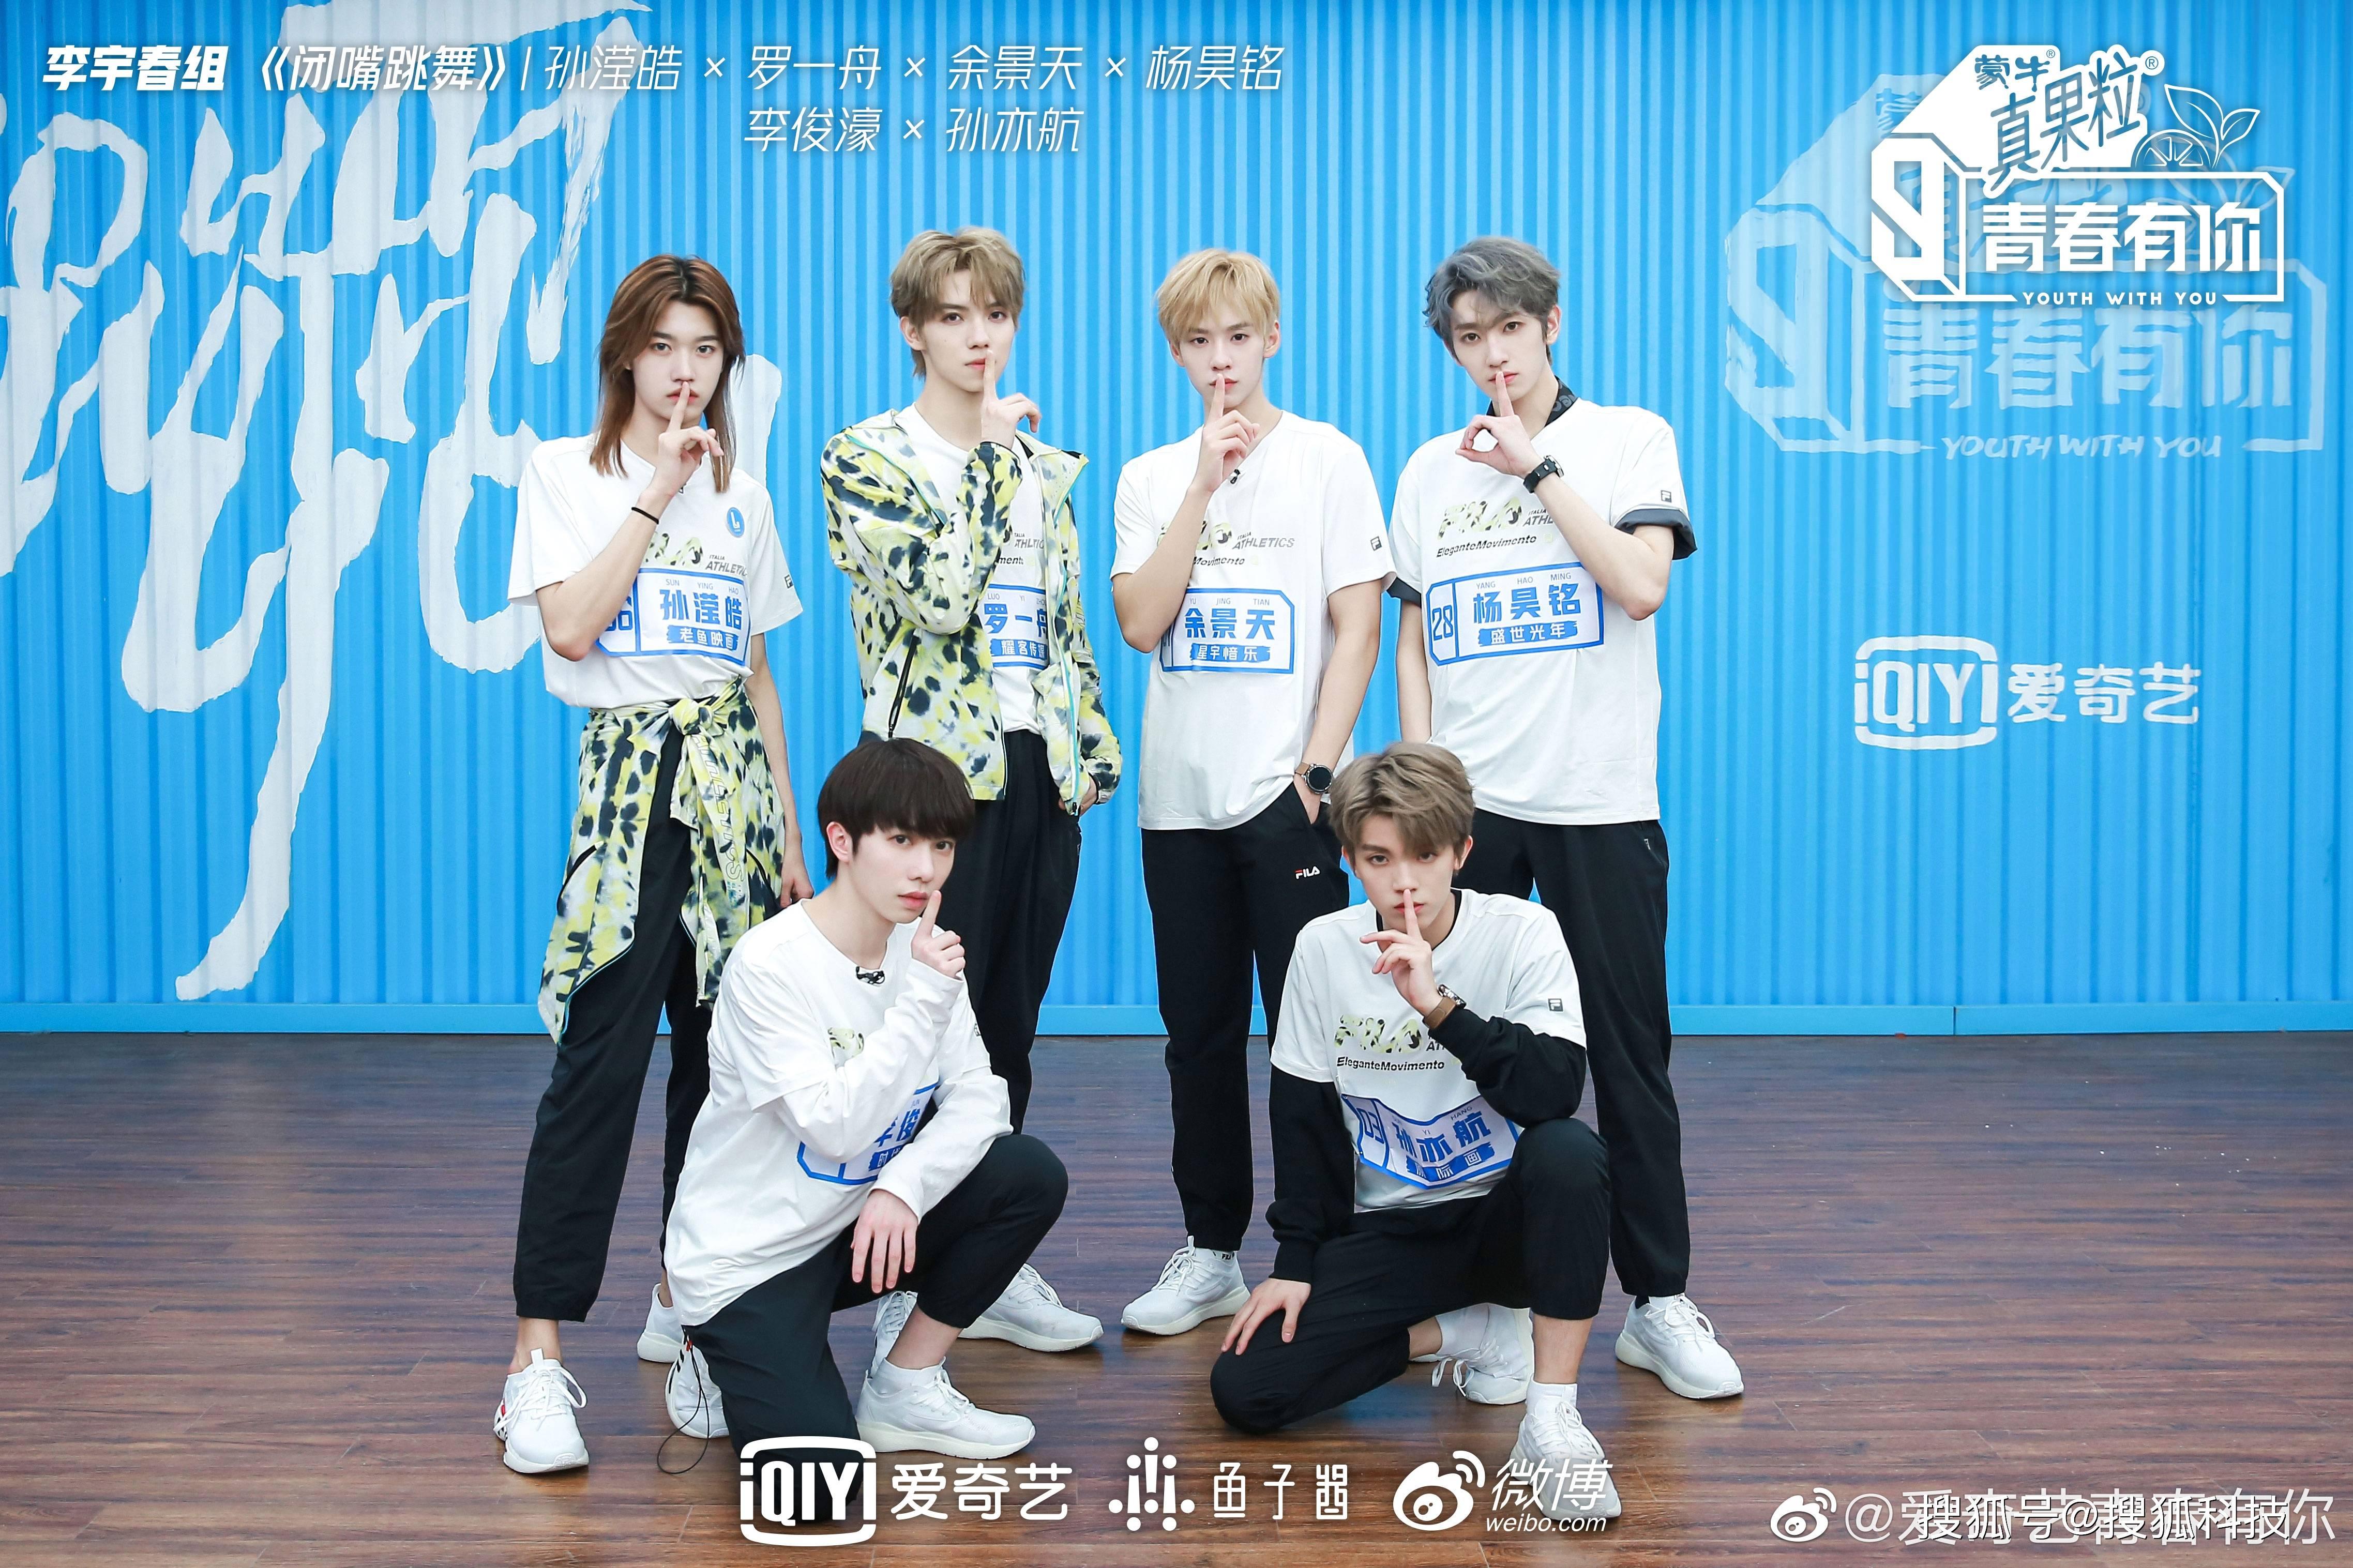 北京市广电局责令爱奇艺暂停《青春有你》第三季后续节目录制